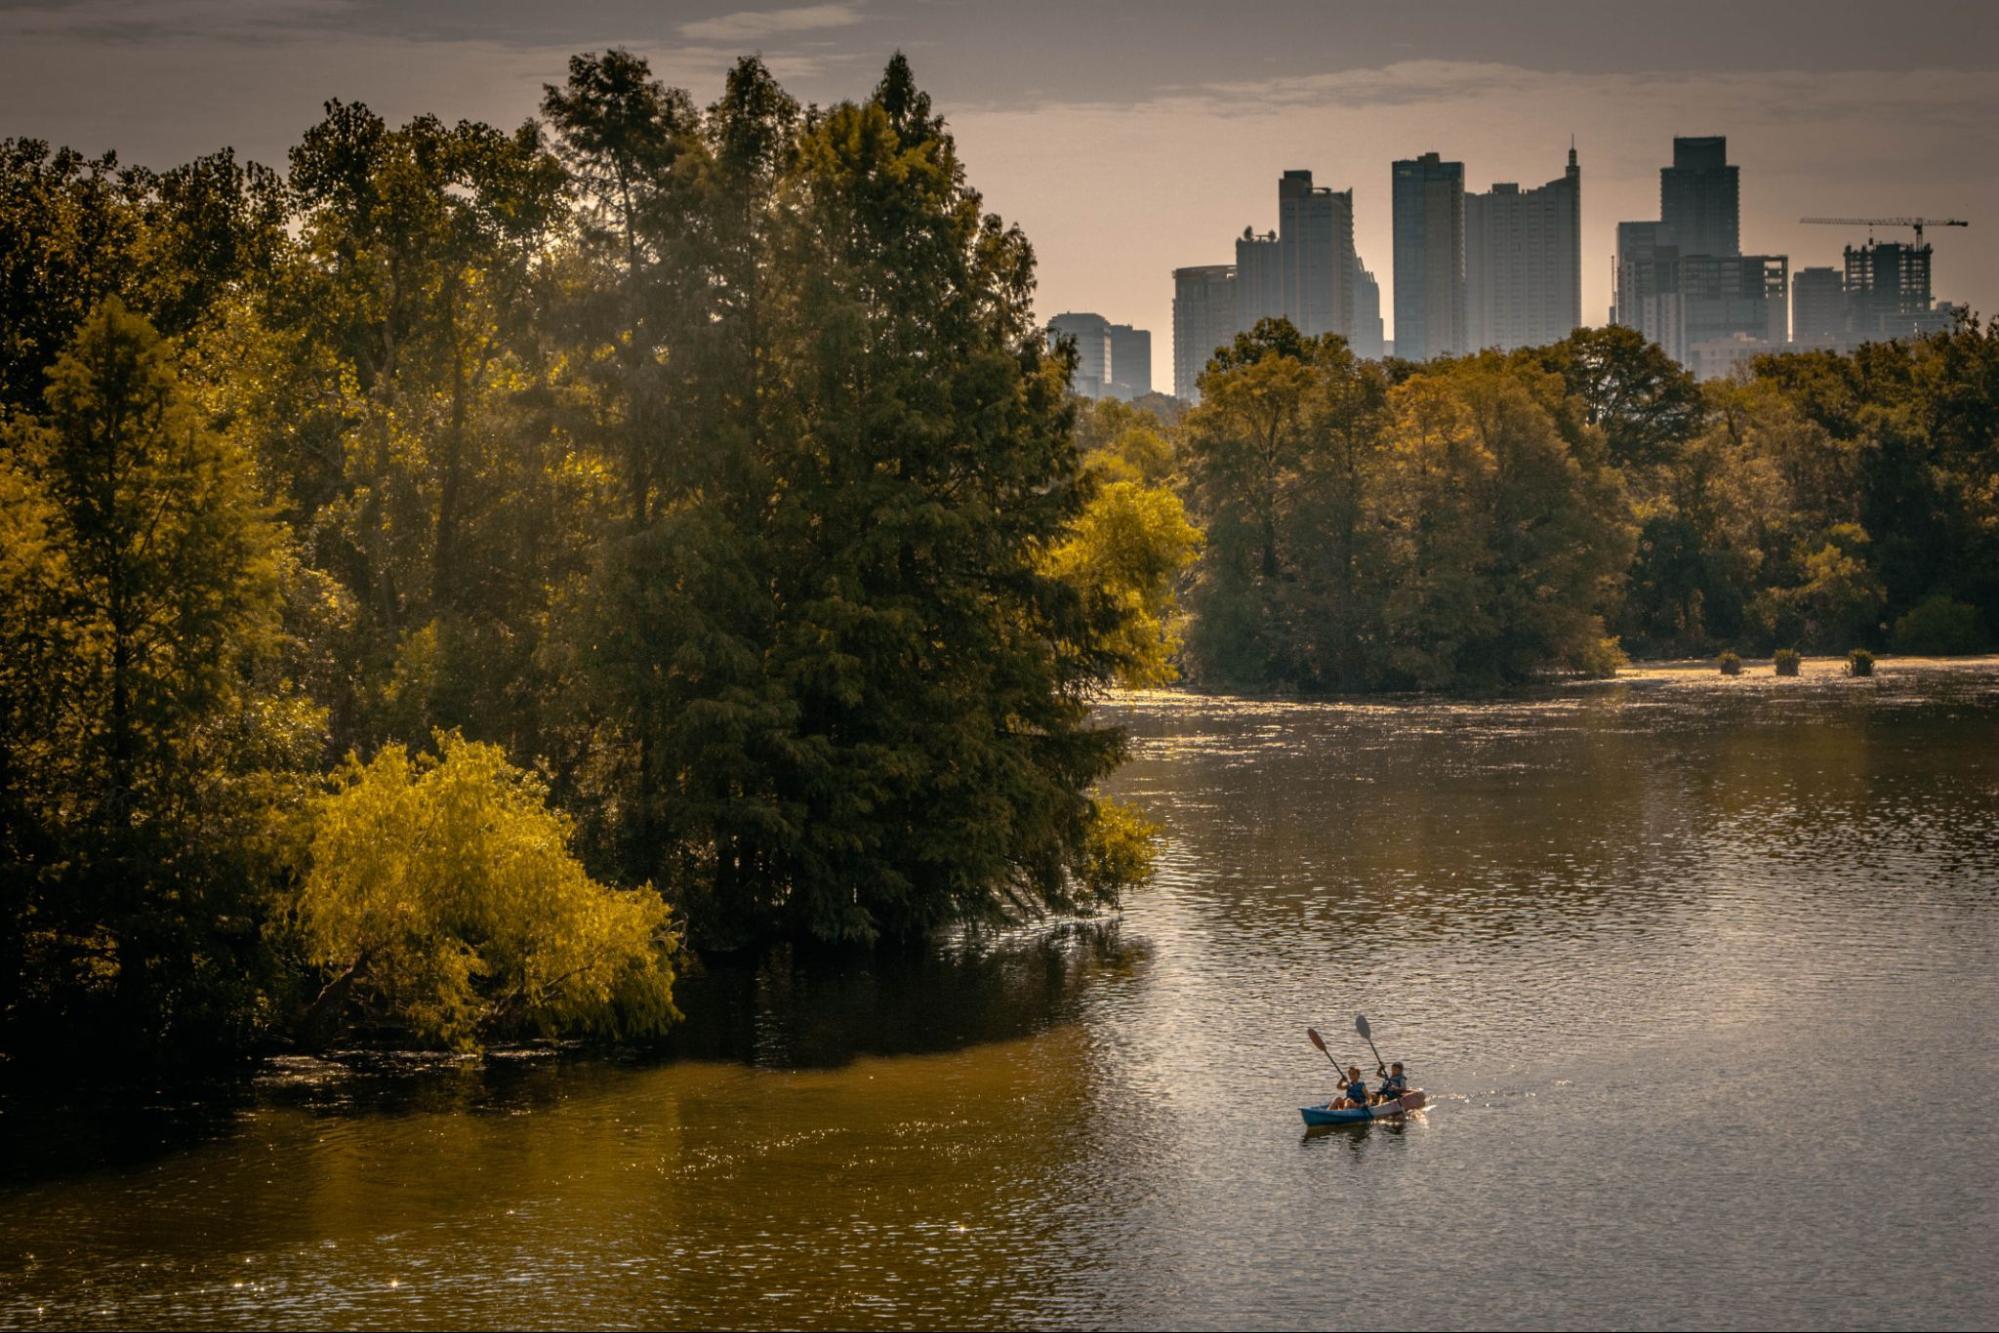 View of Austin, Texas